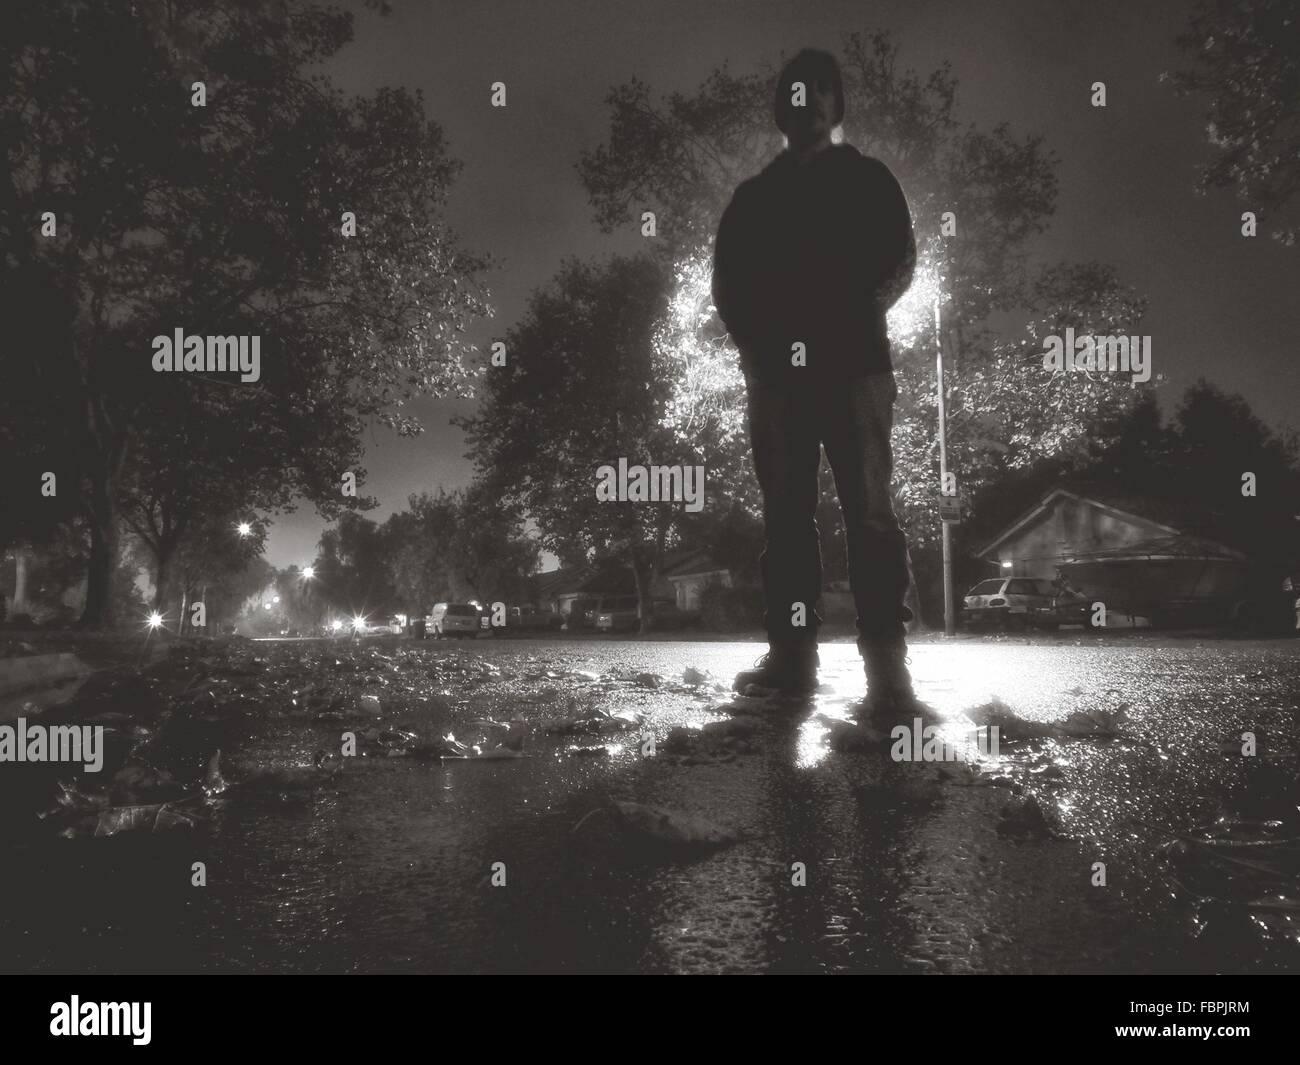 Full Length Of Man Standing On Street - Stock Image